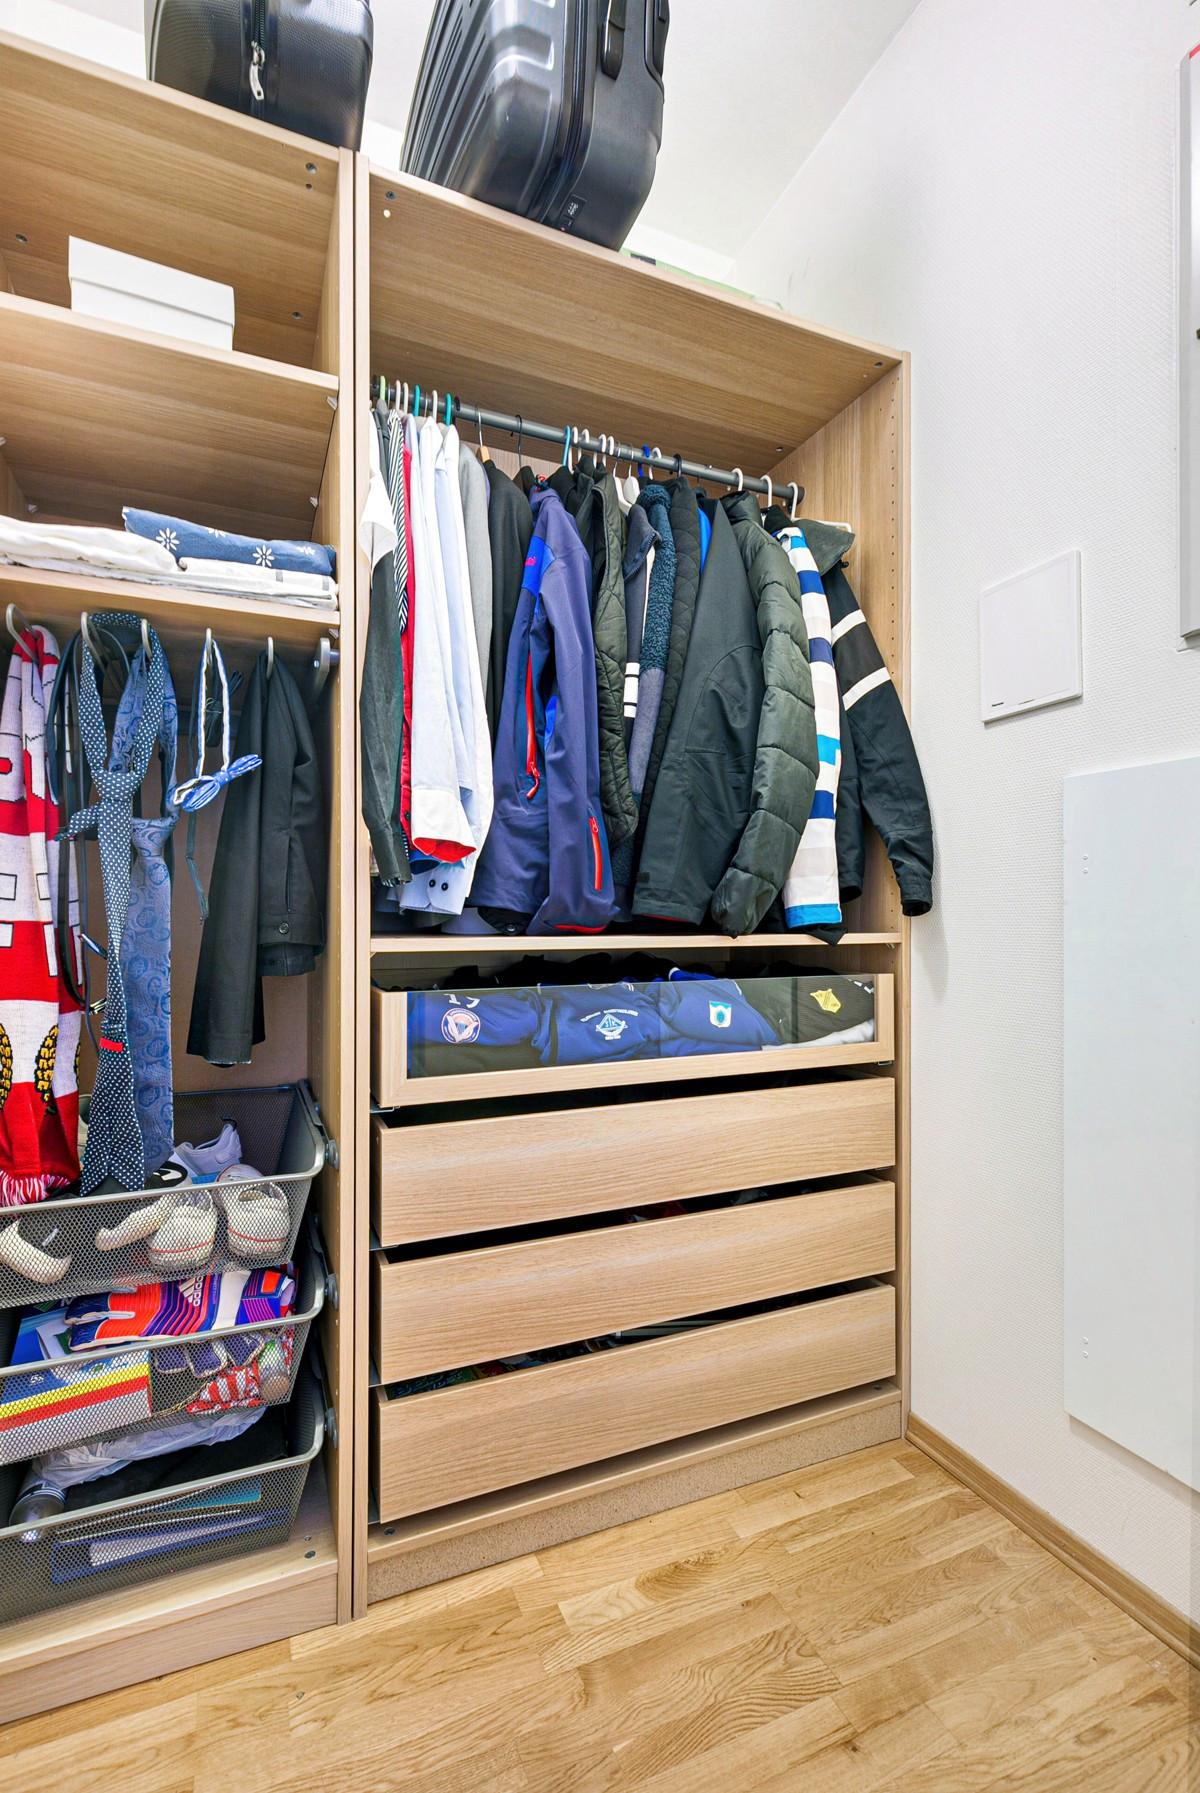 Bod/garderobe bidrar til plass for oppbevaring